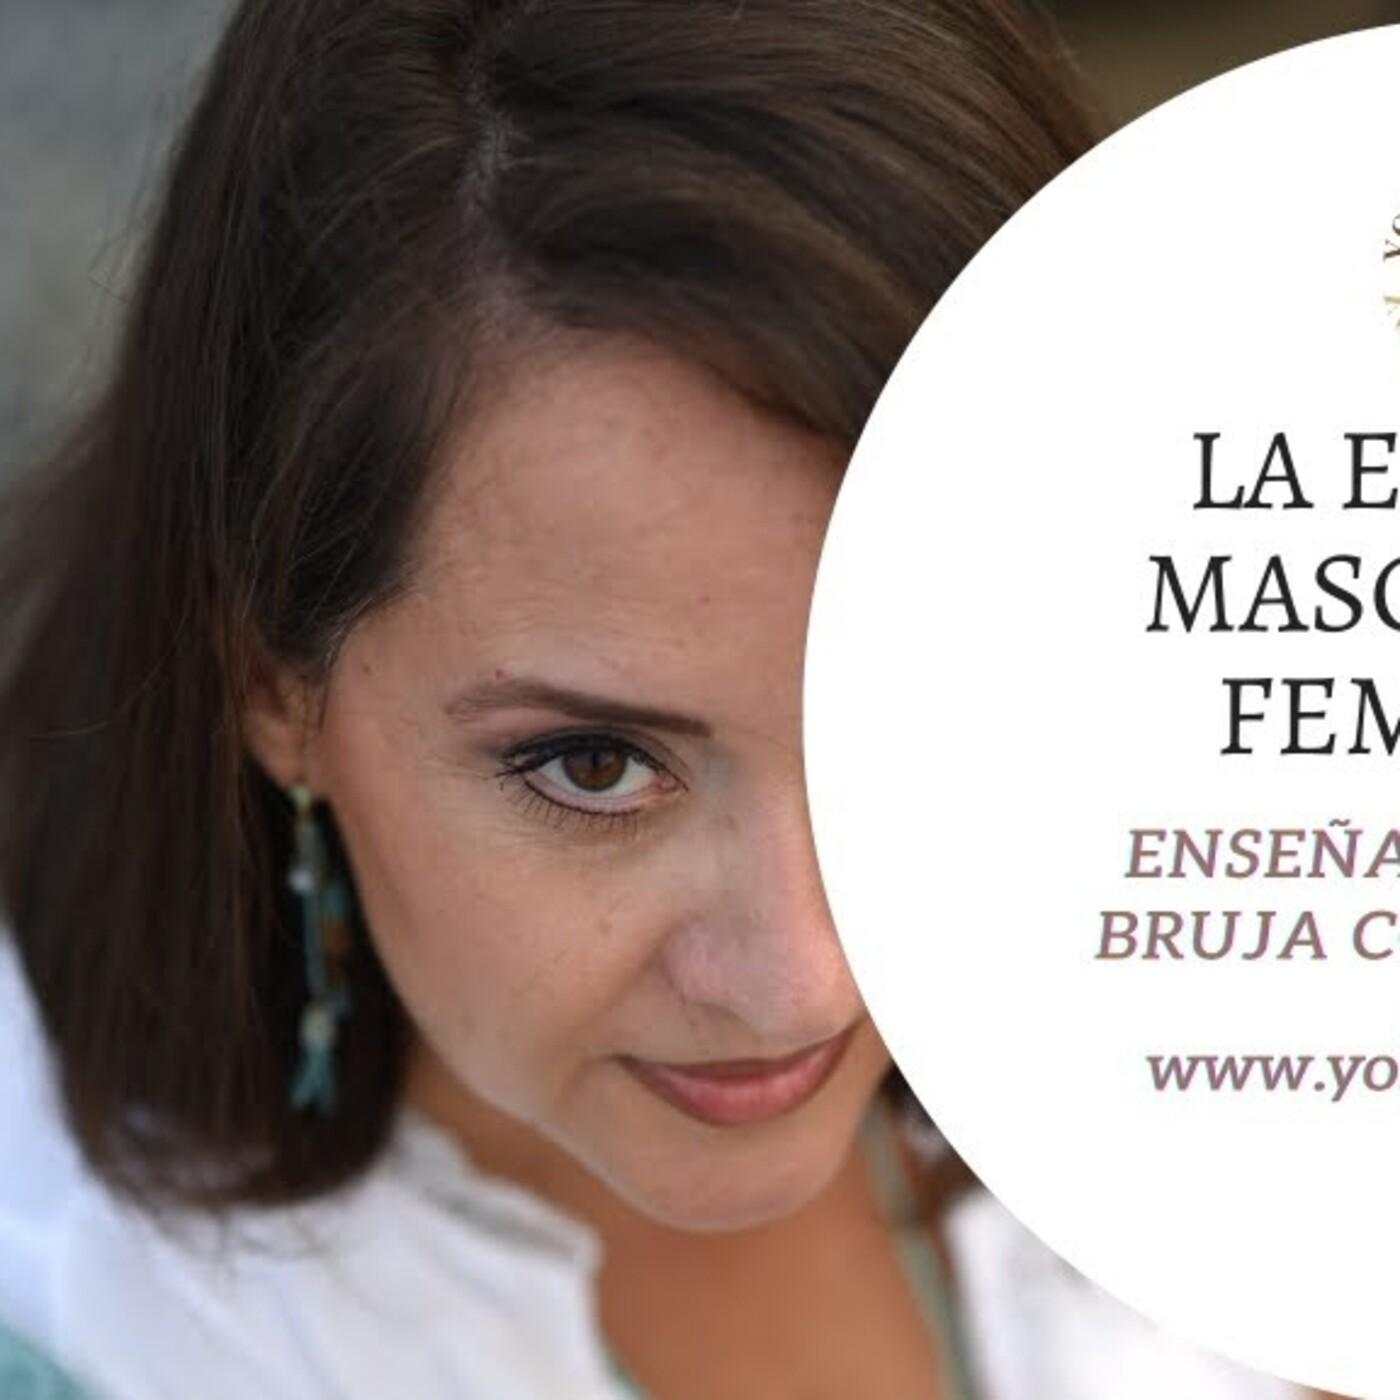 LA ENERGIA MASCULINA Y FEMENINA por Yolanda Soria